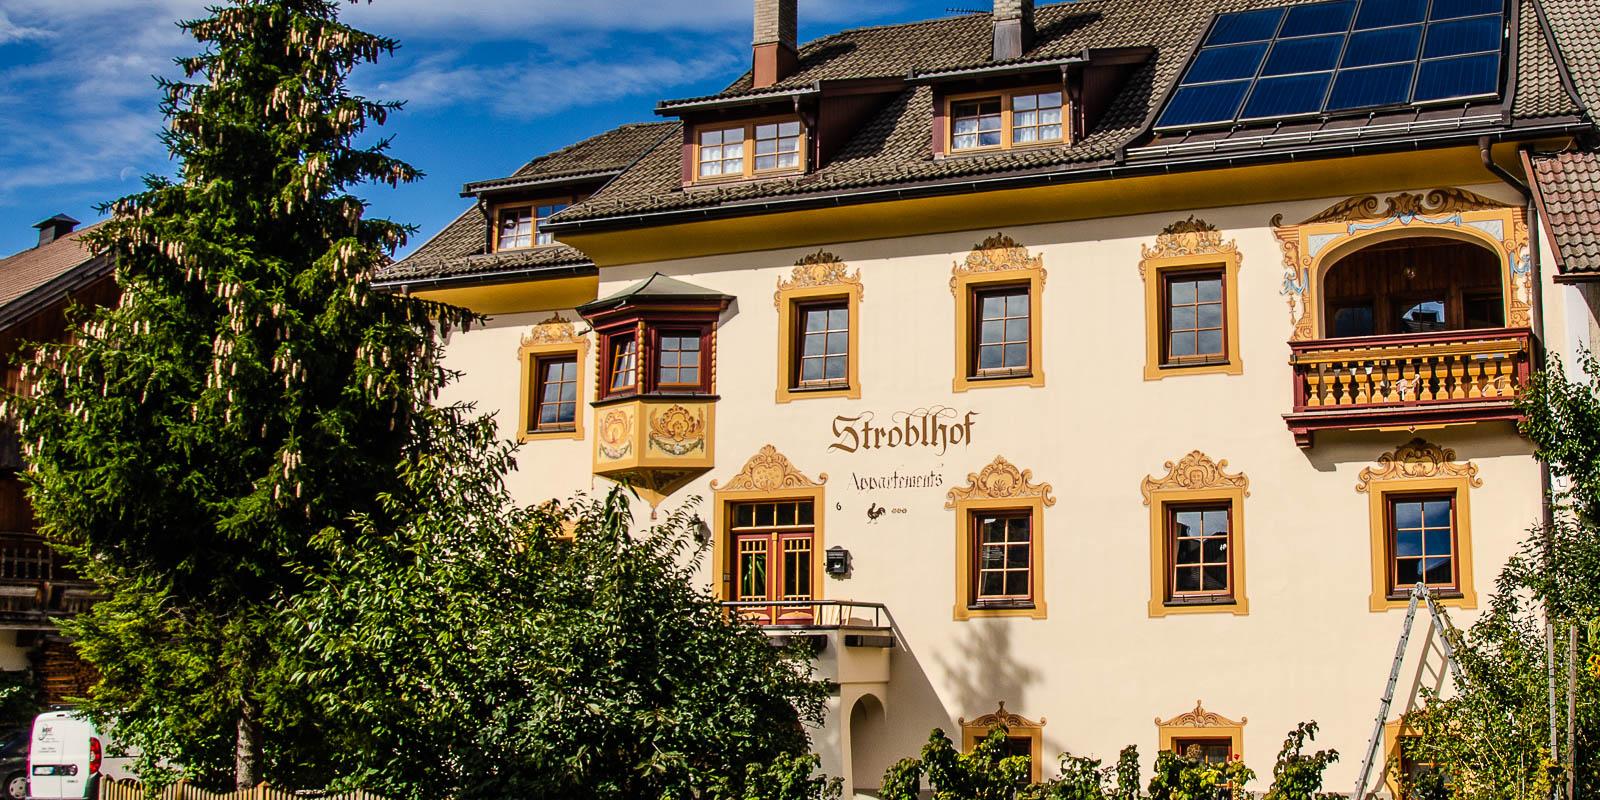 Fassade Stroblhof Toblach